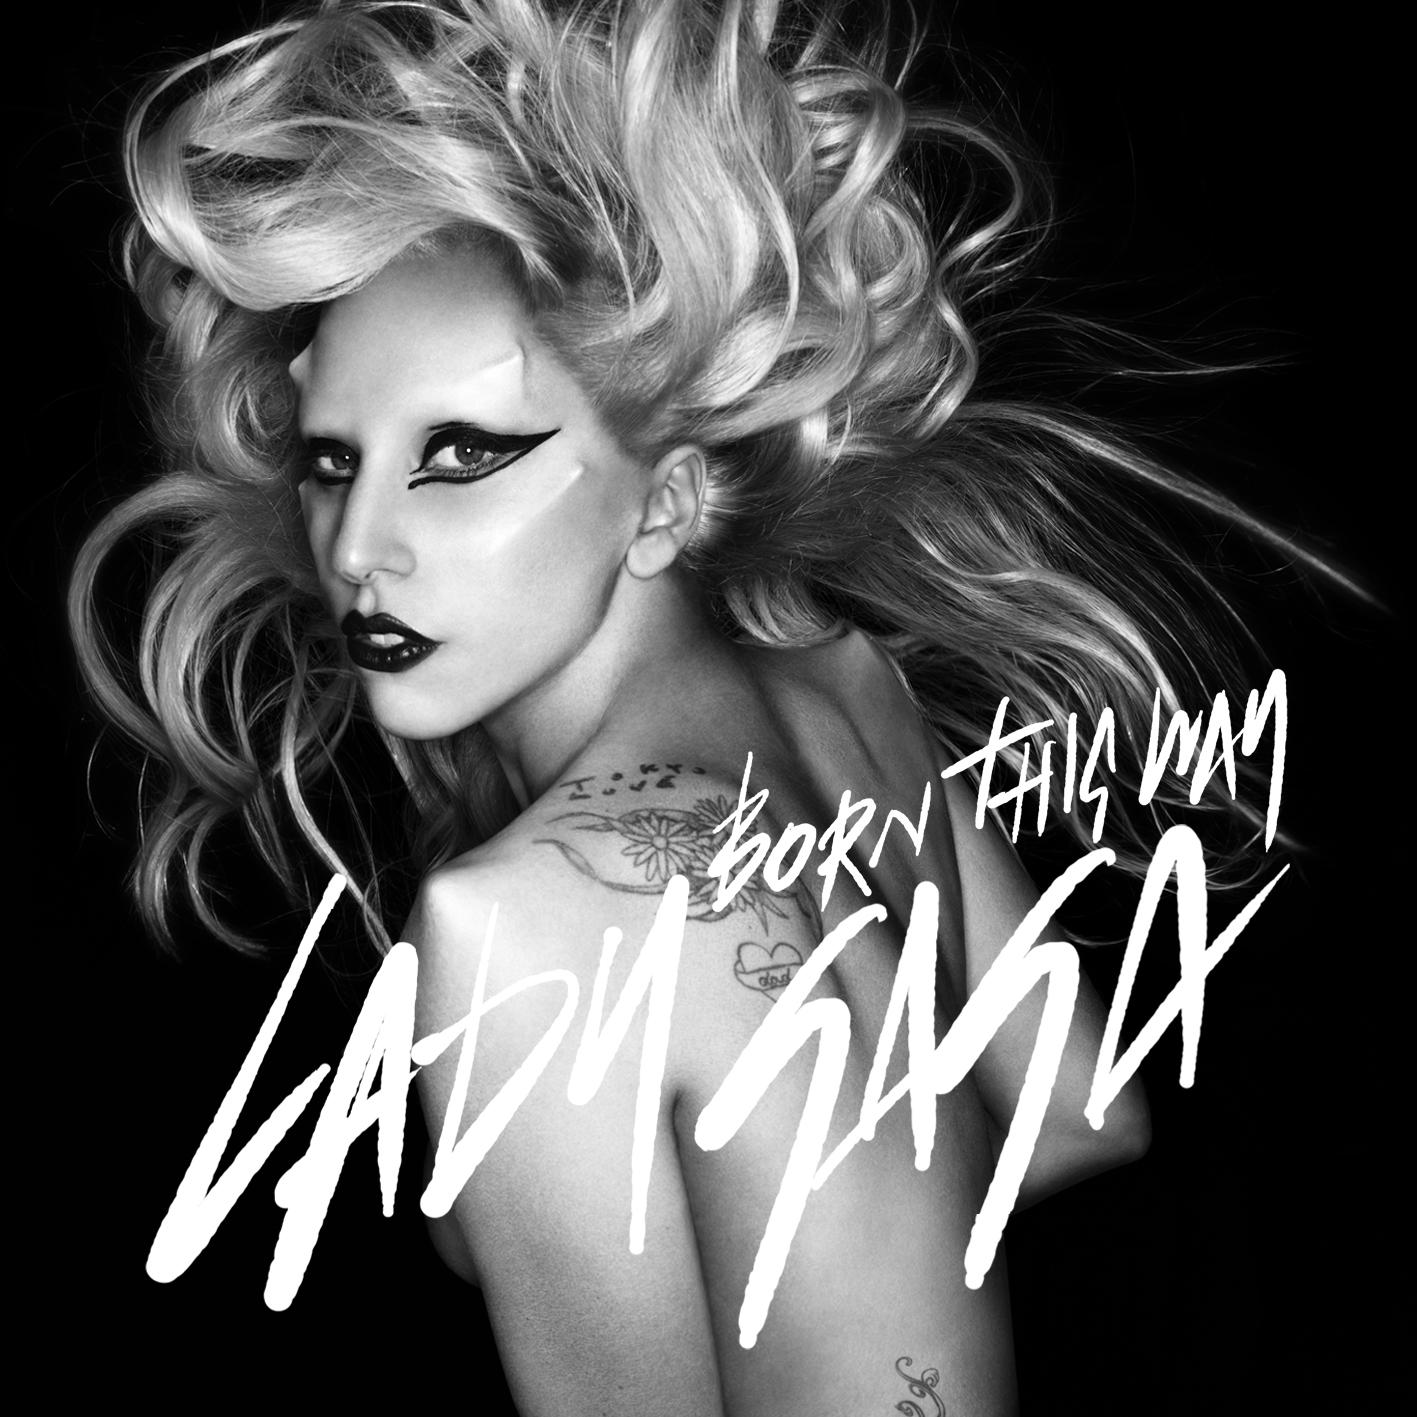 Lady-Gaga-Album Imagenes para Celular